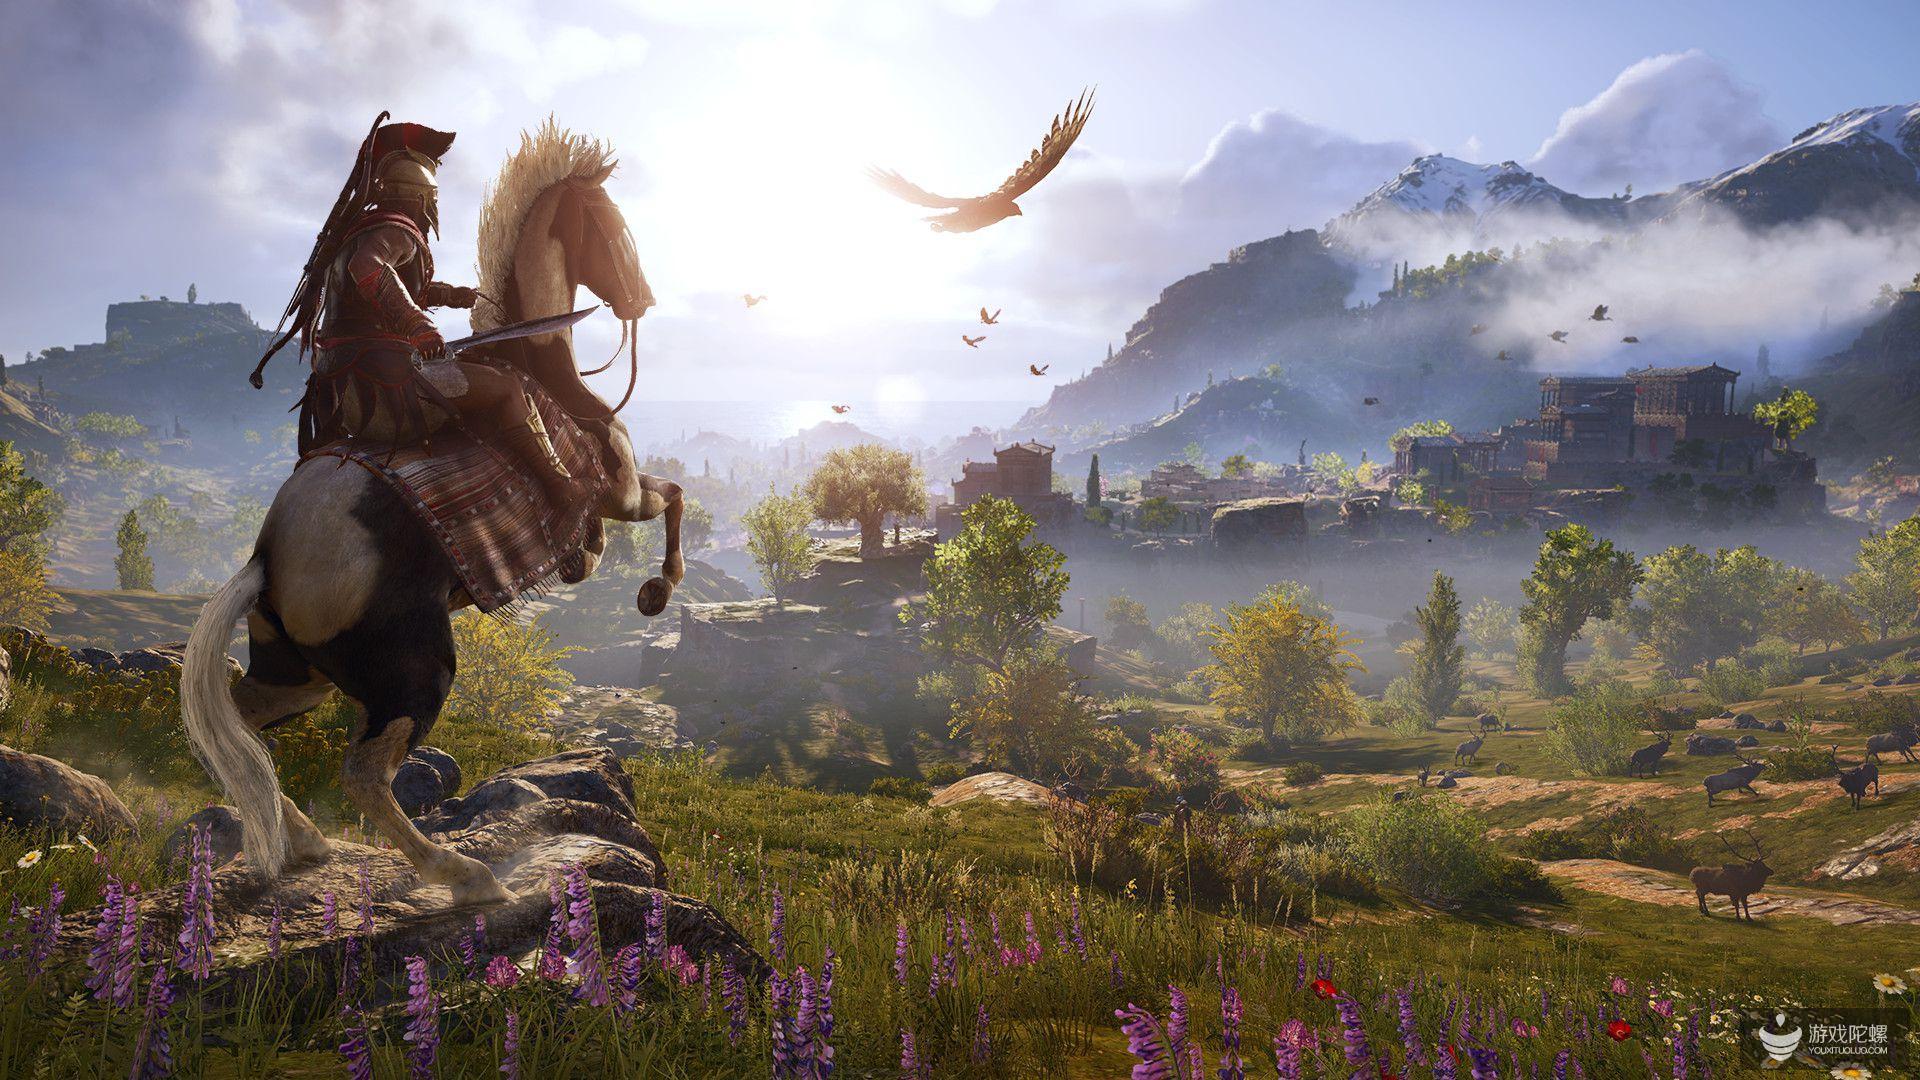 《奥德赛》霸屏,国产独立游戏《中国式家长》杀进前十|Steam周销量榜